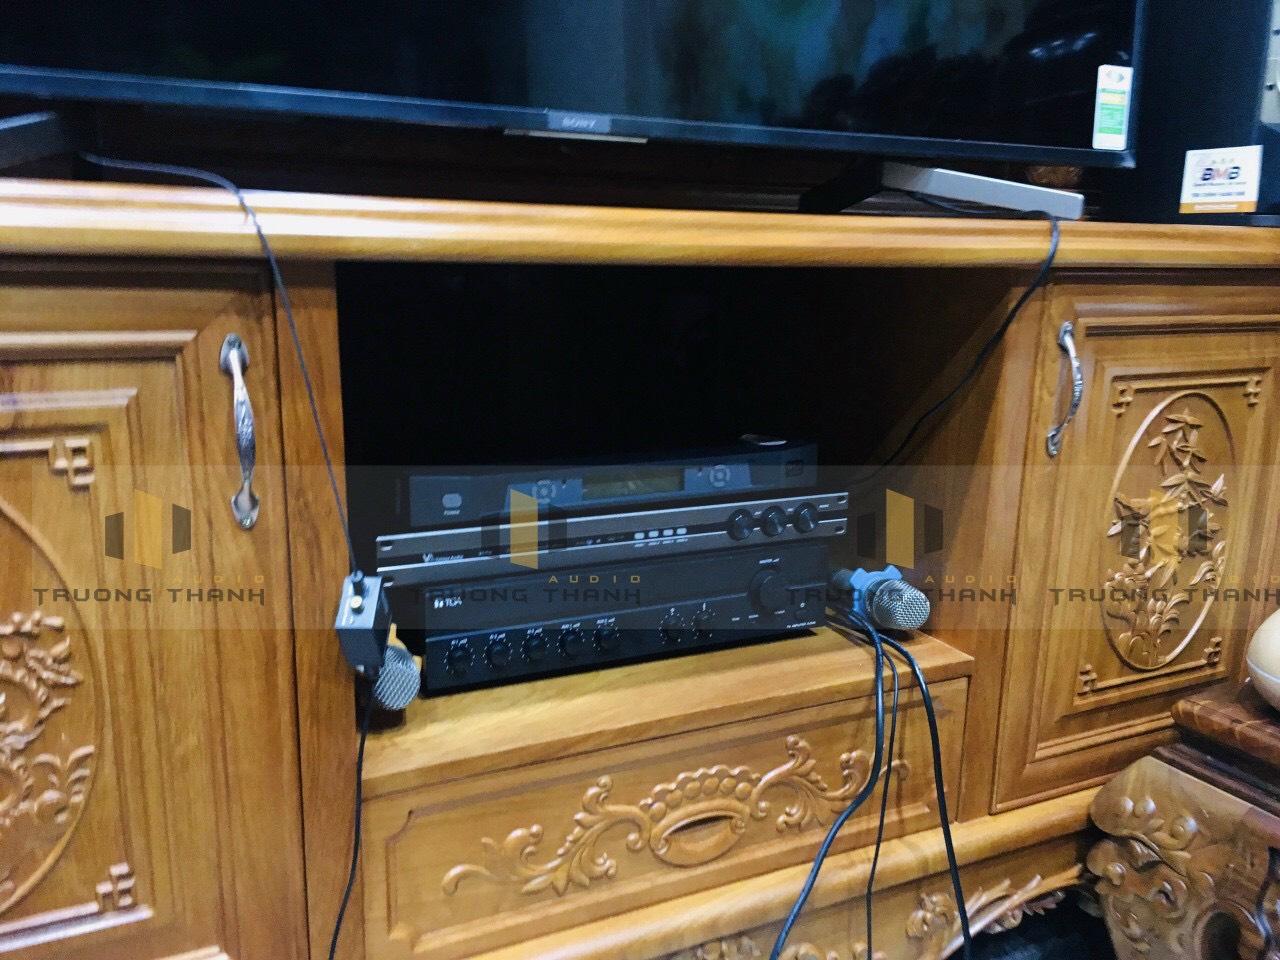 Lắp đặt bộ dàn karaoke BMB chính hãng 4